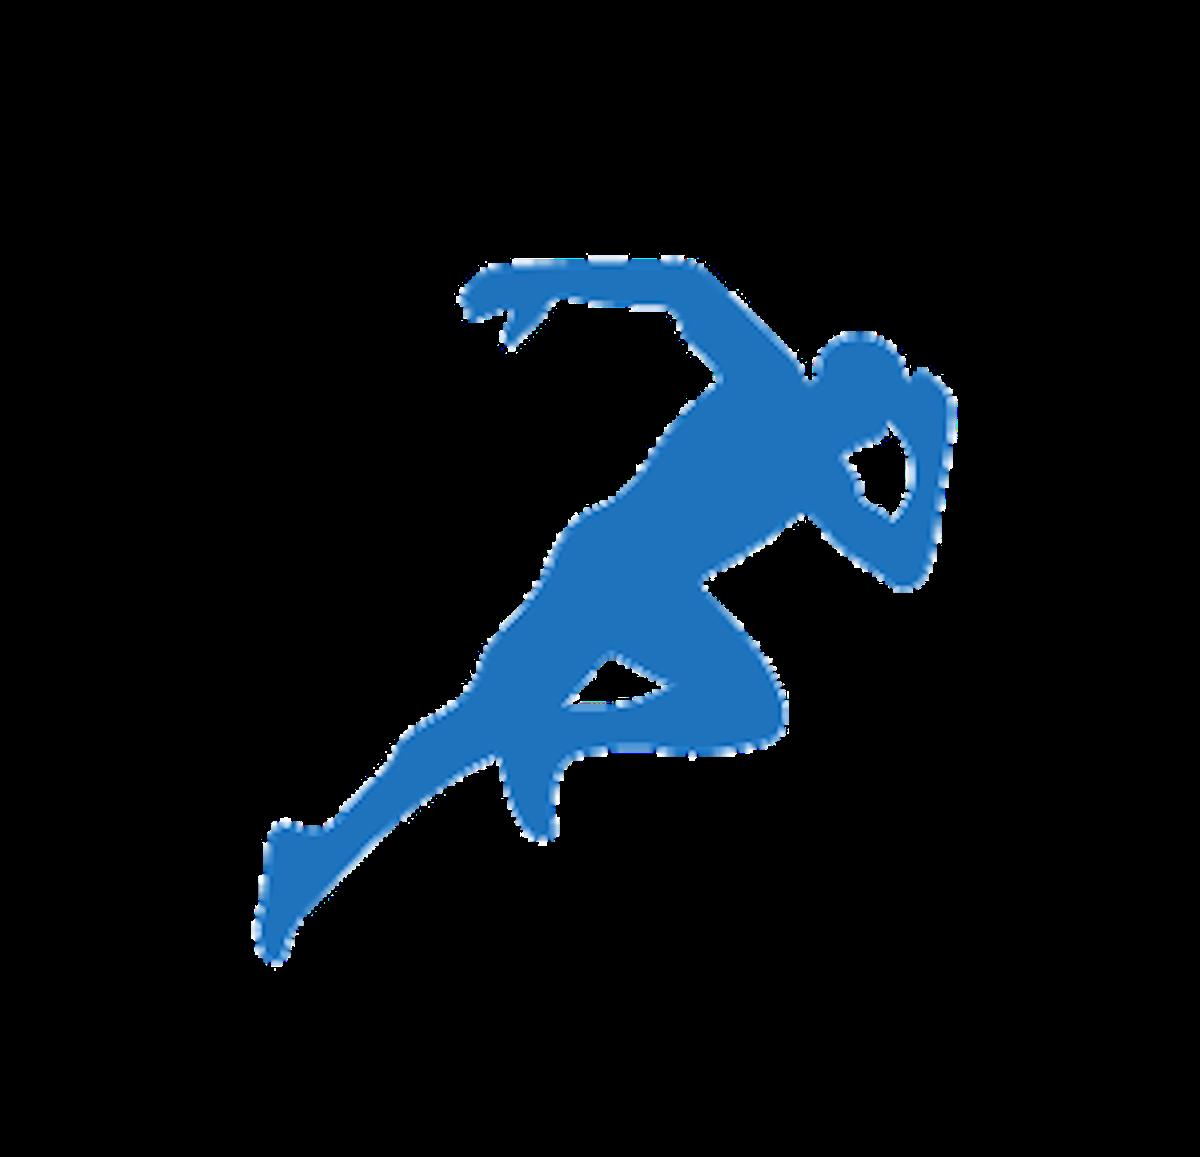 Track & Field Sprint Running Athlete Clip art.